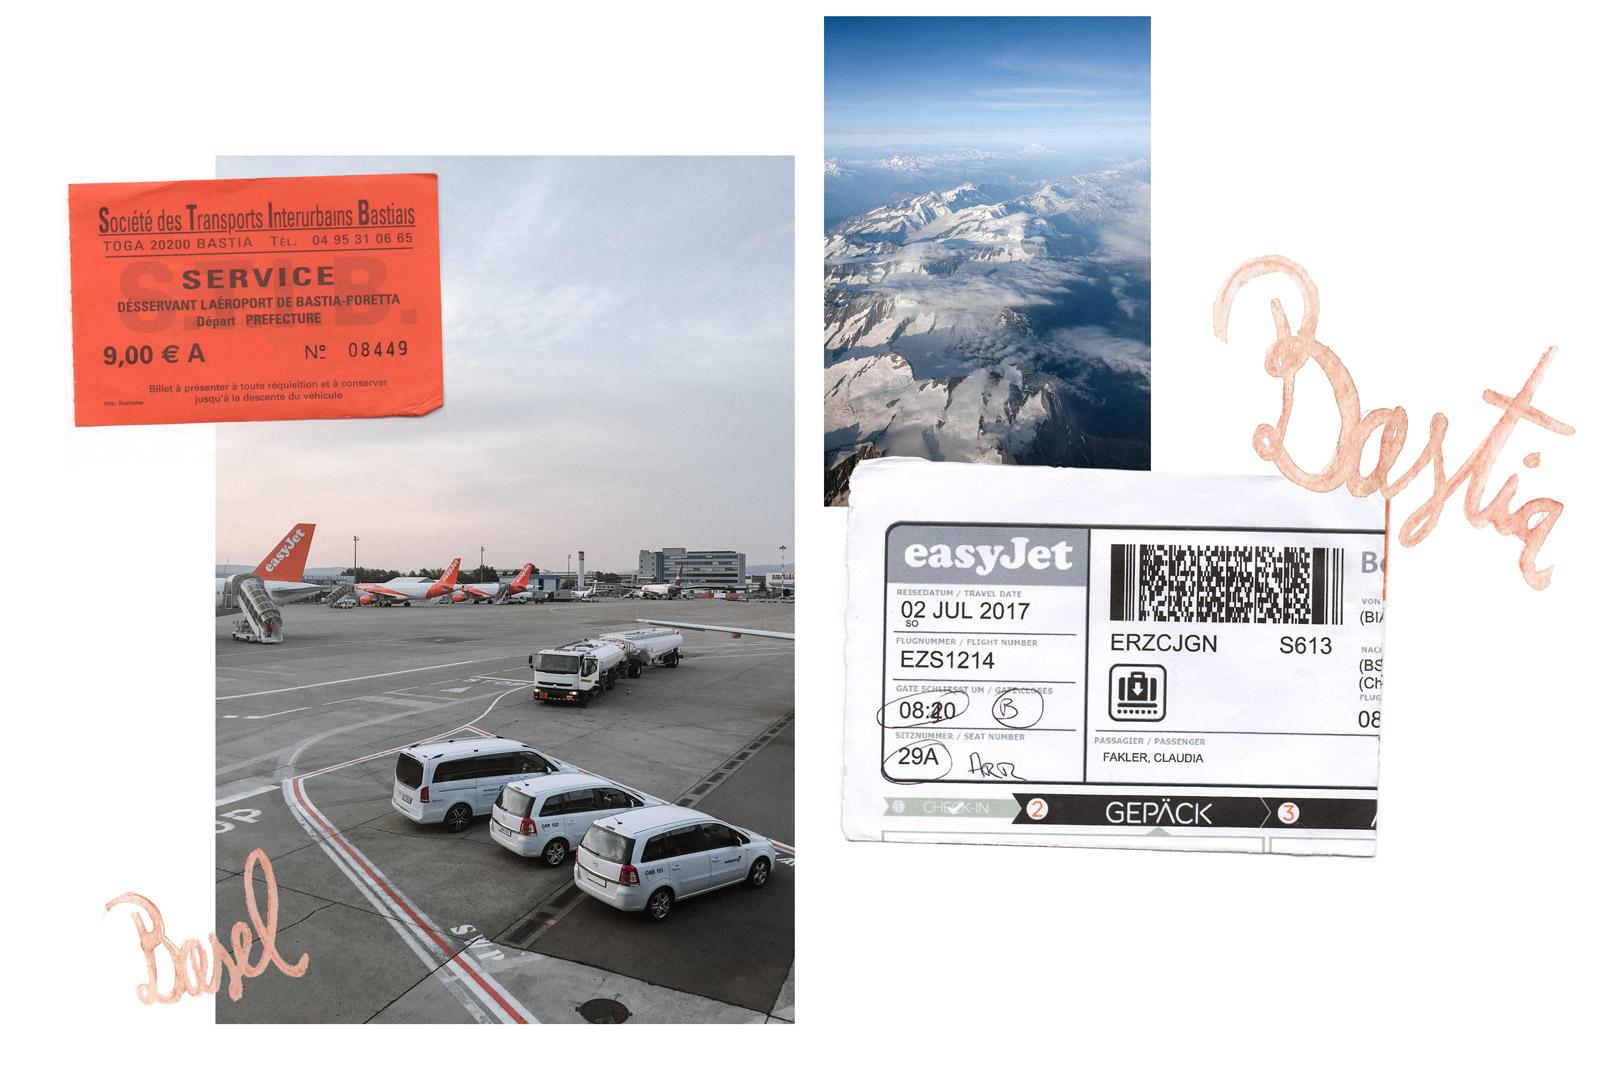 fr-gr20-anreise-01-wp